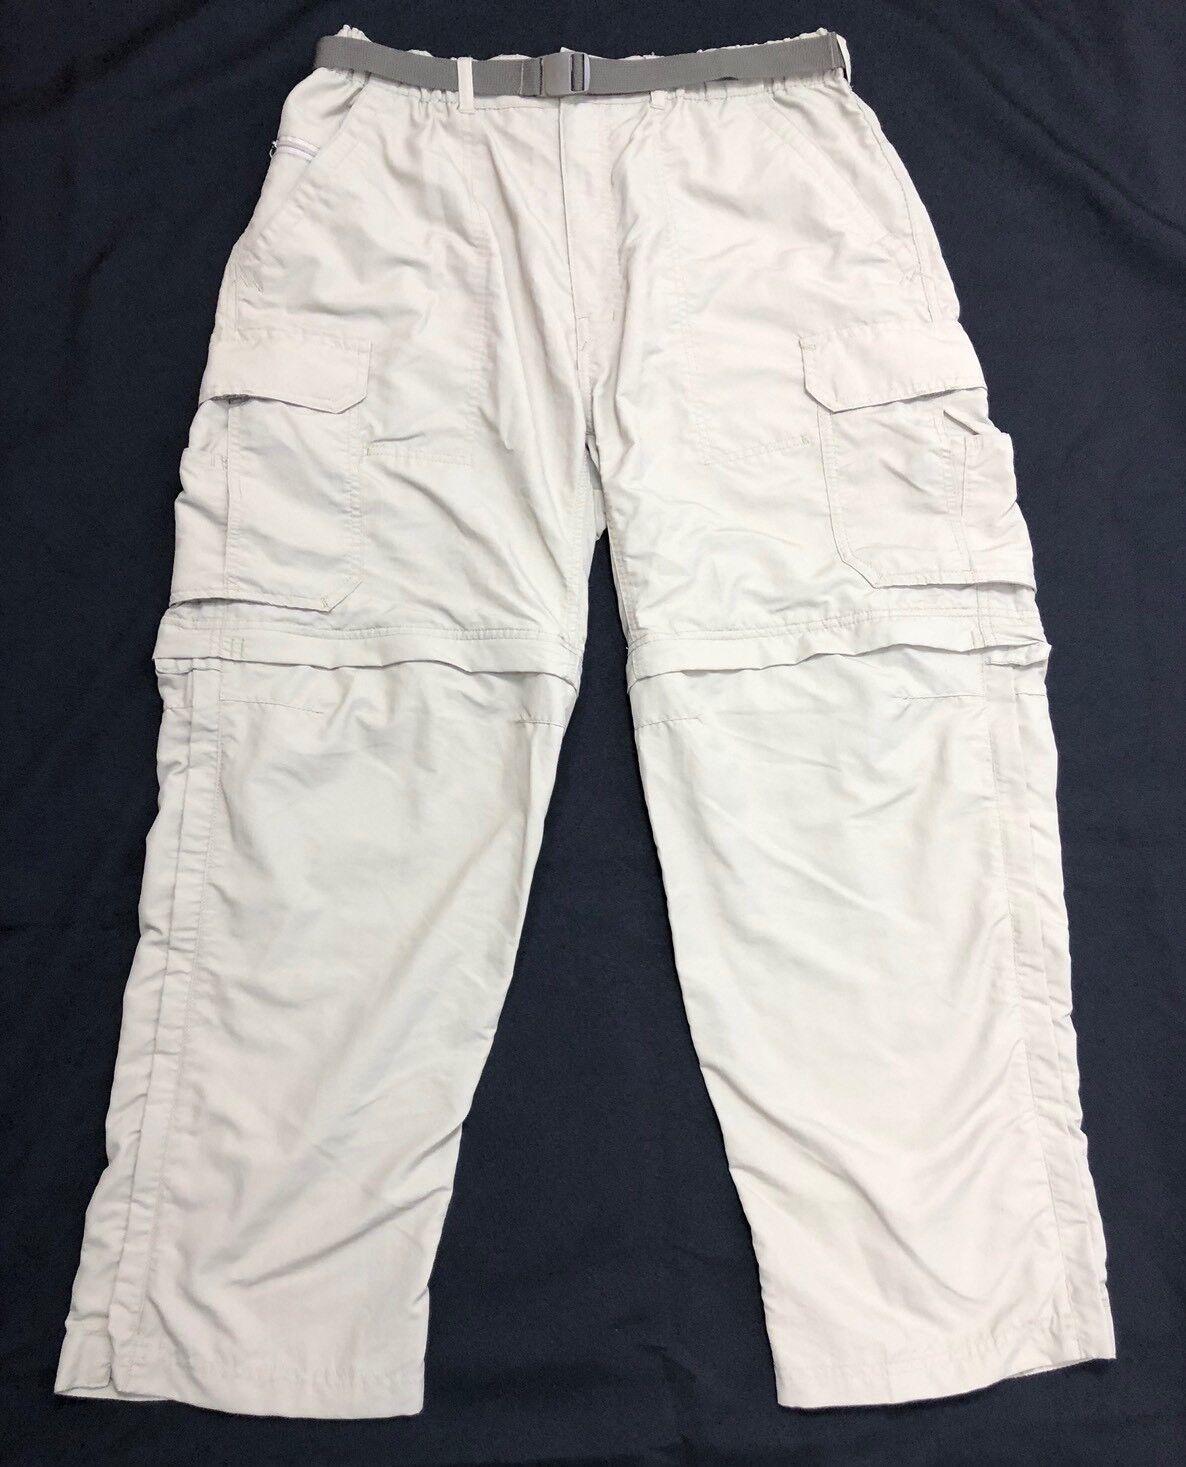 Rei UPF  50+ hombres 6 bolsillos para Senderismo y Trekking Pantalón Converdeible Pantalones Cortos Talle W32 L28  nuevo estilo